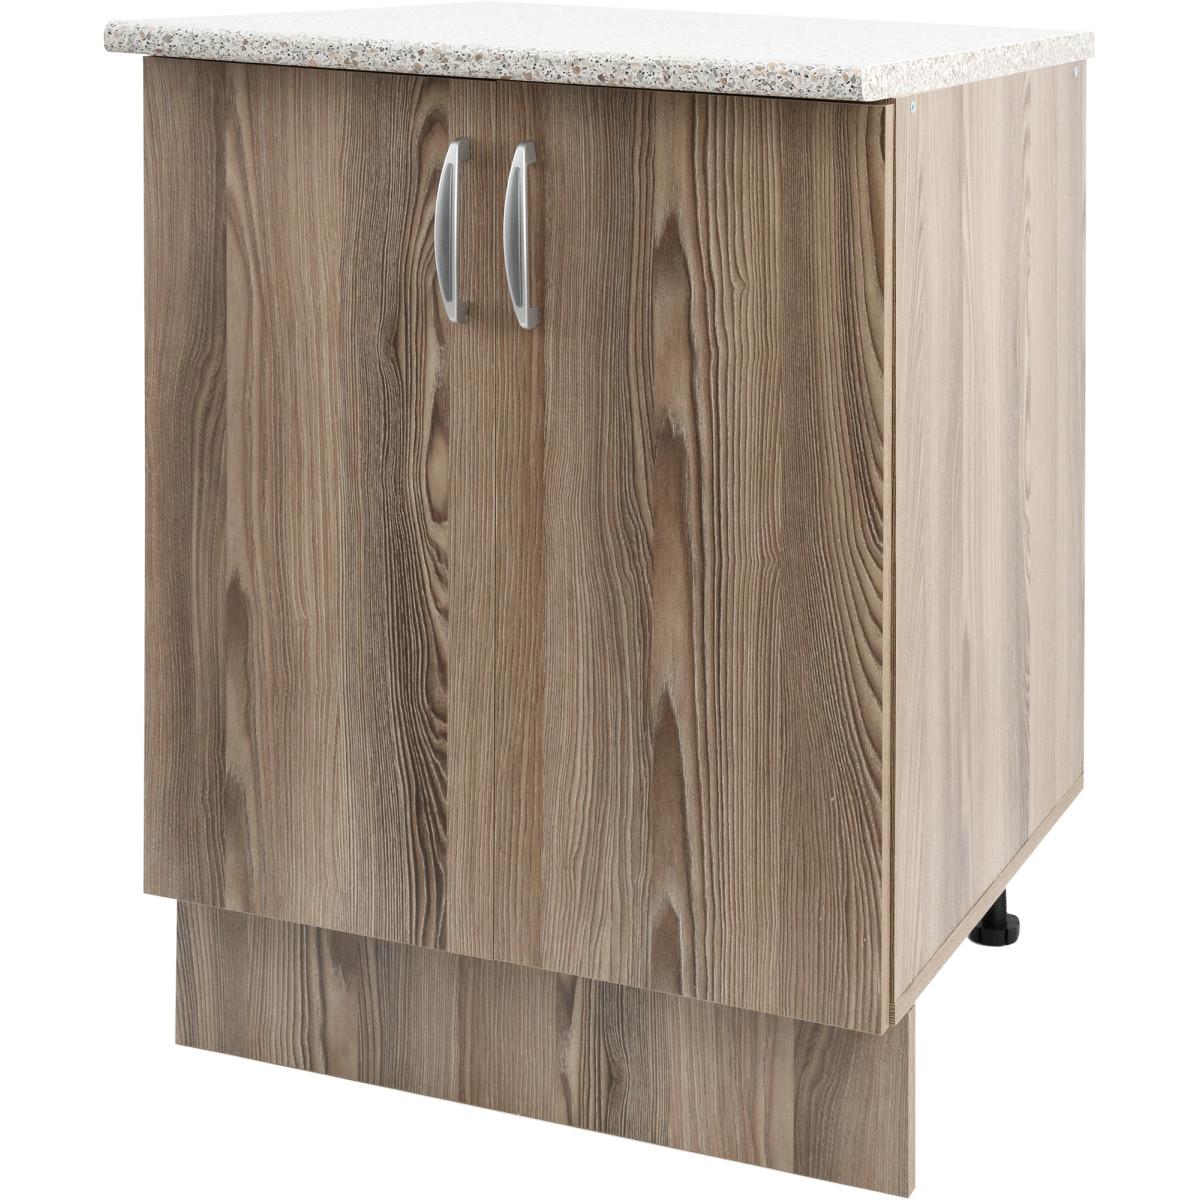 Шкаф напольный Delinia Дуб Шато Аква 60x85х60 см ЛДСП цвет коричневый